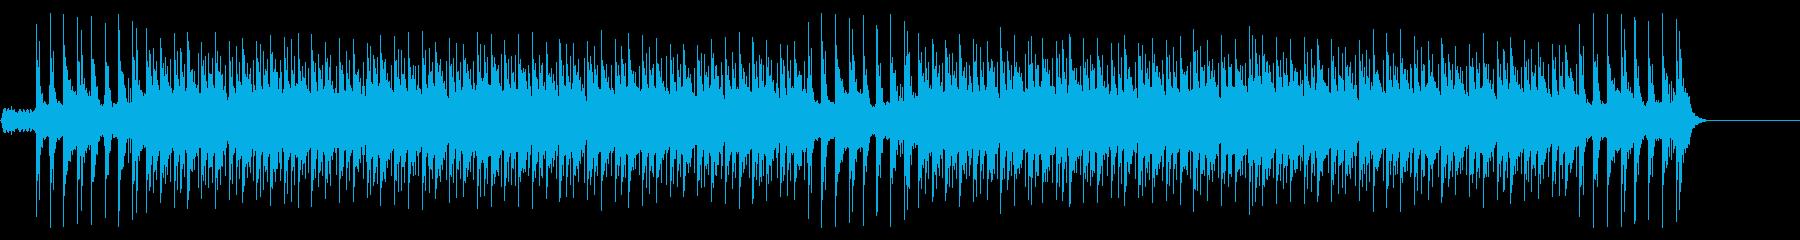 勇ましいバグパイプマーチングバンドの曲の再生済みの波形